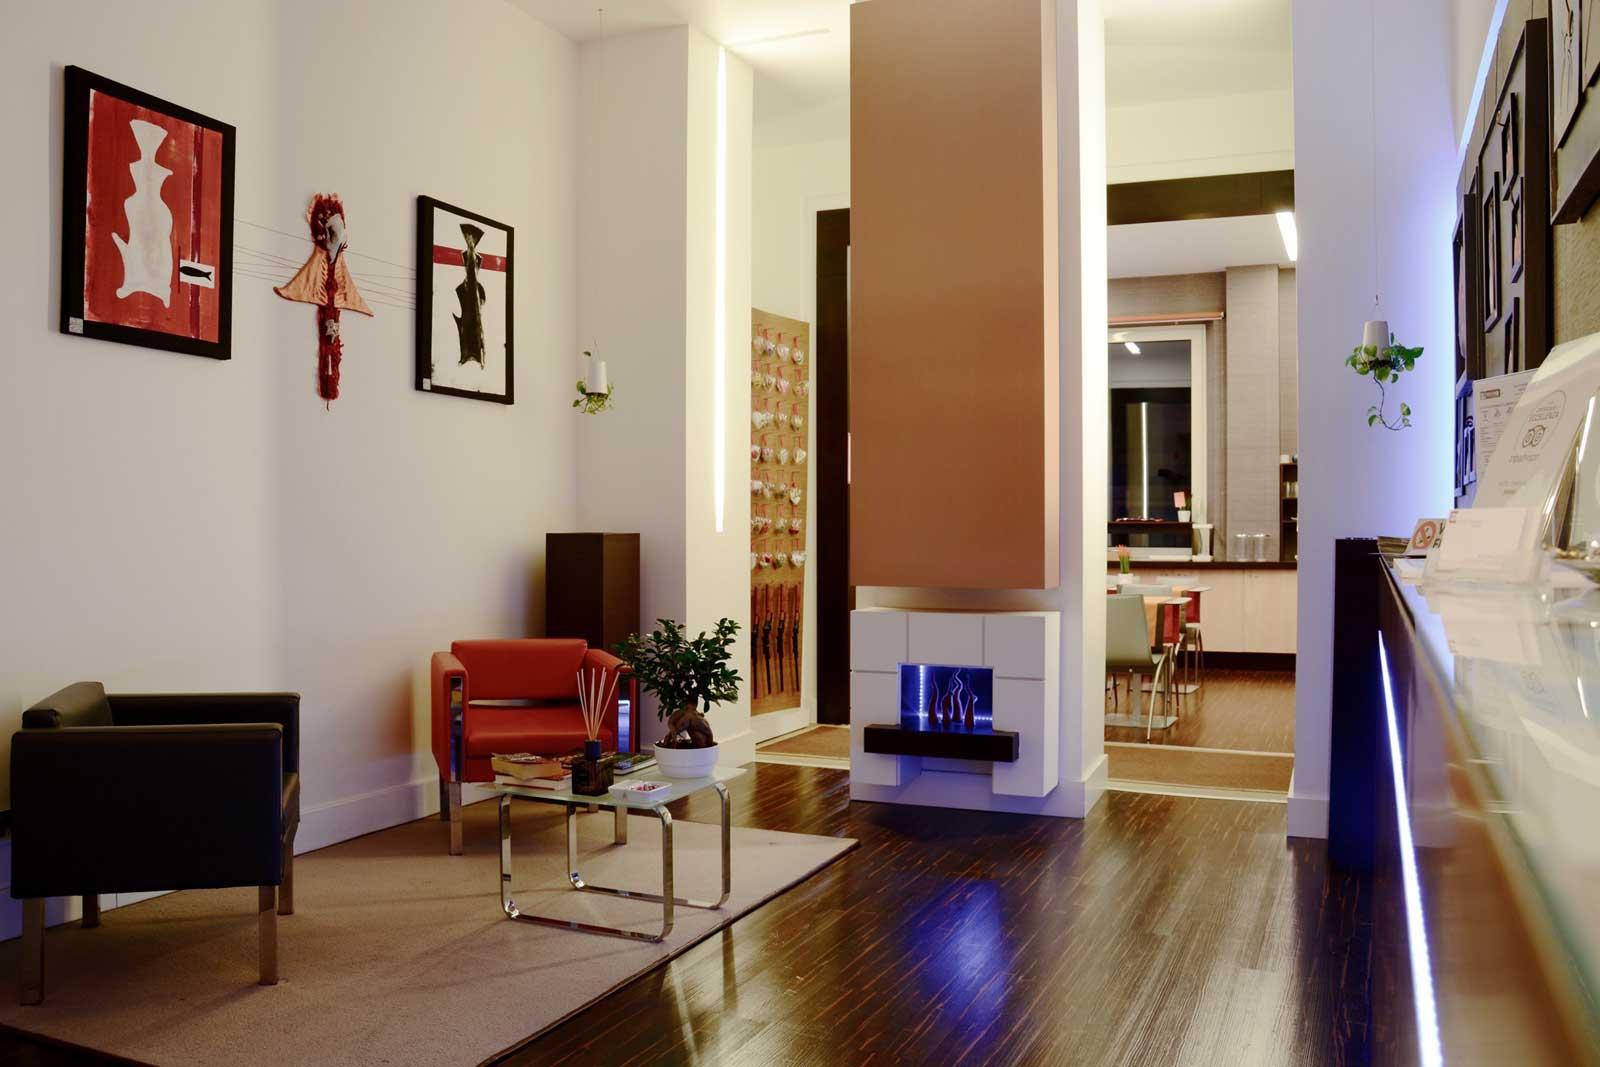 hotel cimarosa, albergo 3 stelle a Napoli quartiere Vomero